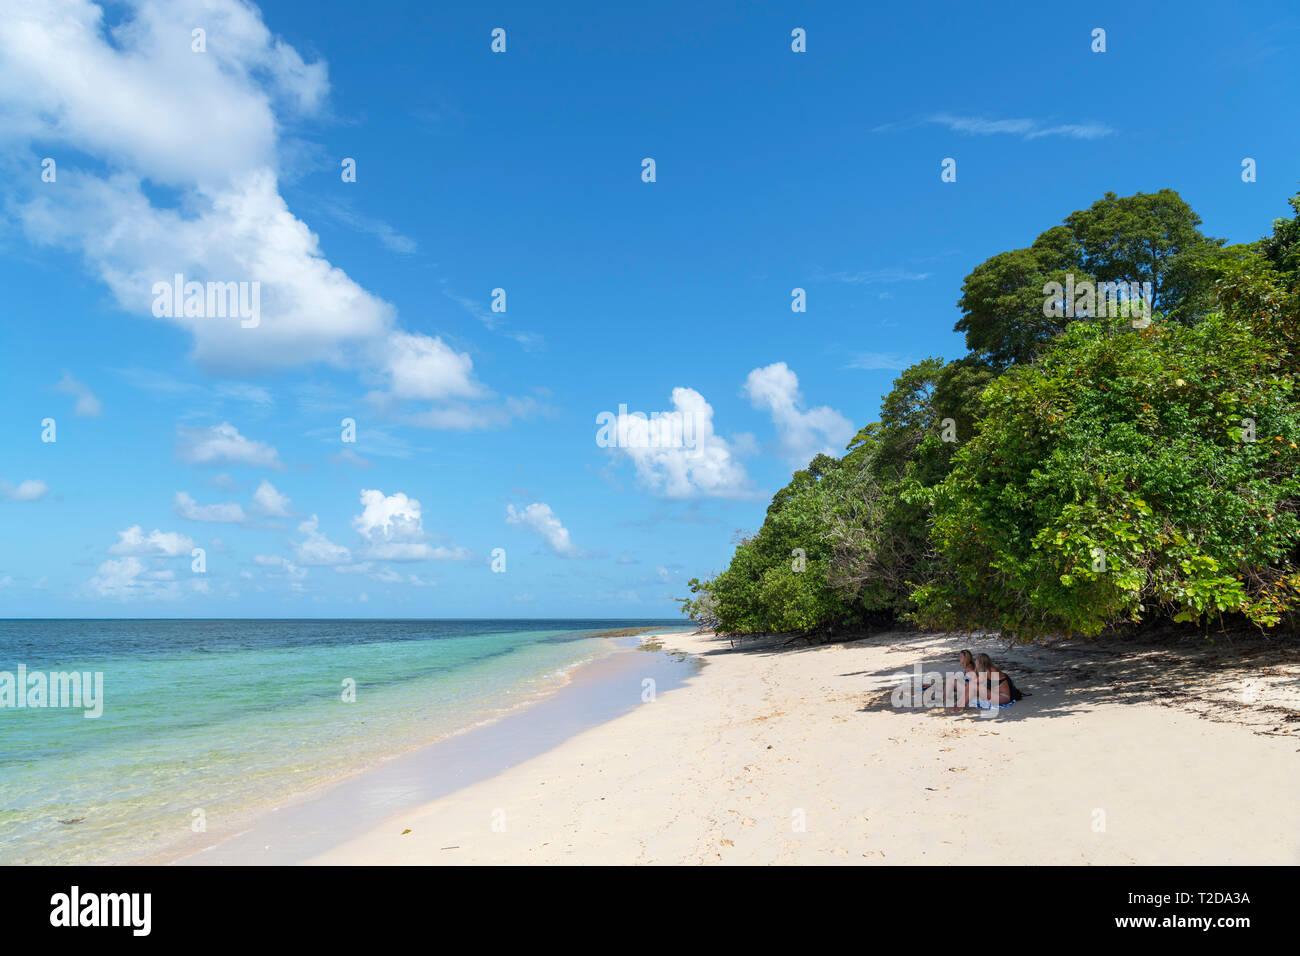 La Gran Barrera de Coral de Australia. Pareja Sentada en la playa en Isla Verde, un coral cay en el Parque Marino de la Gran Barrera de Coral, Queensland, Australia Foto de stock